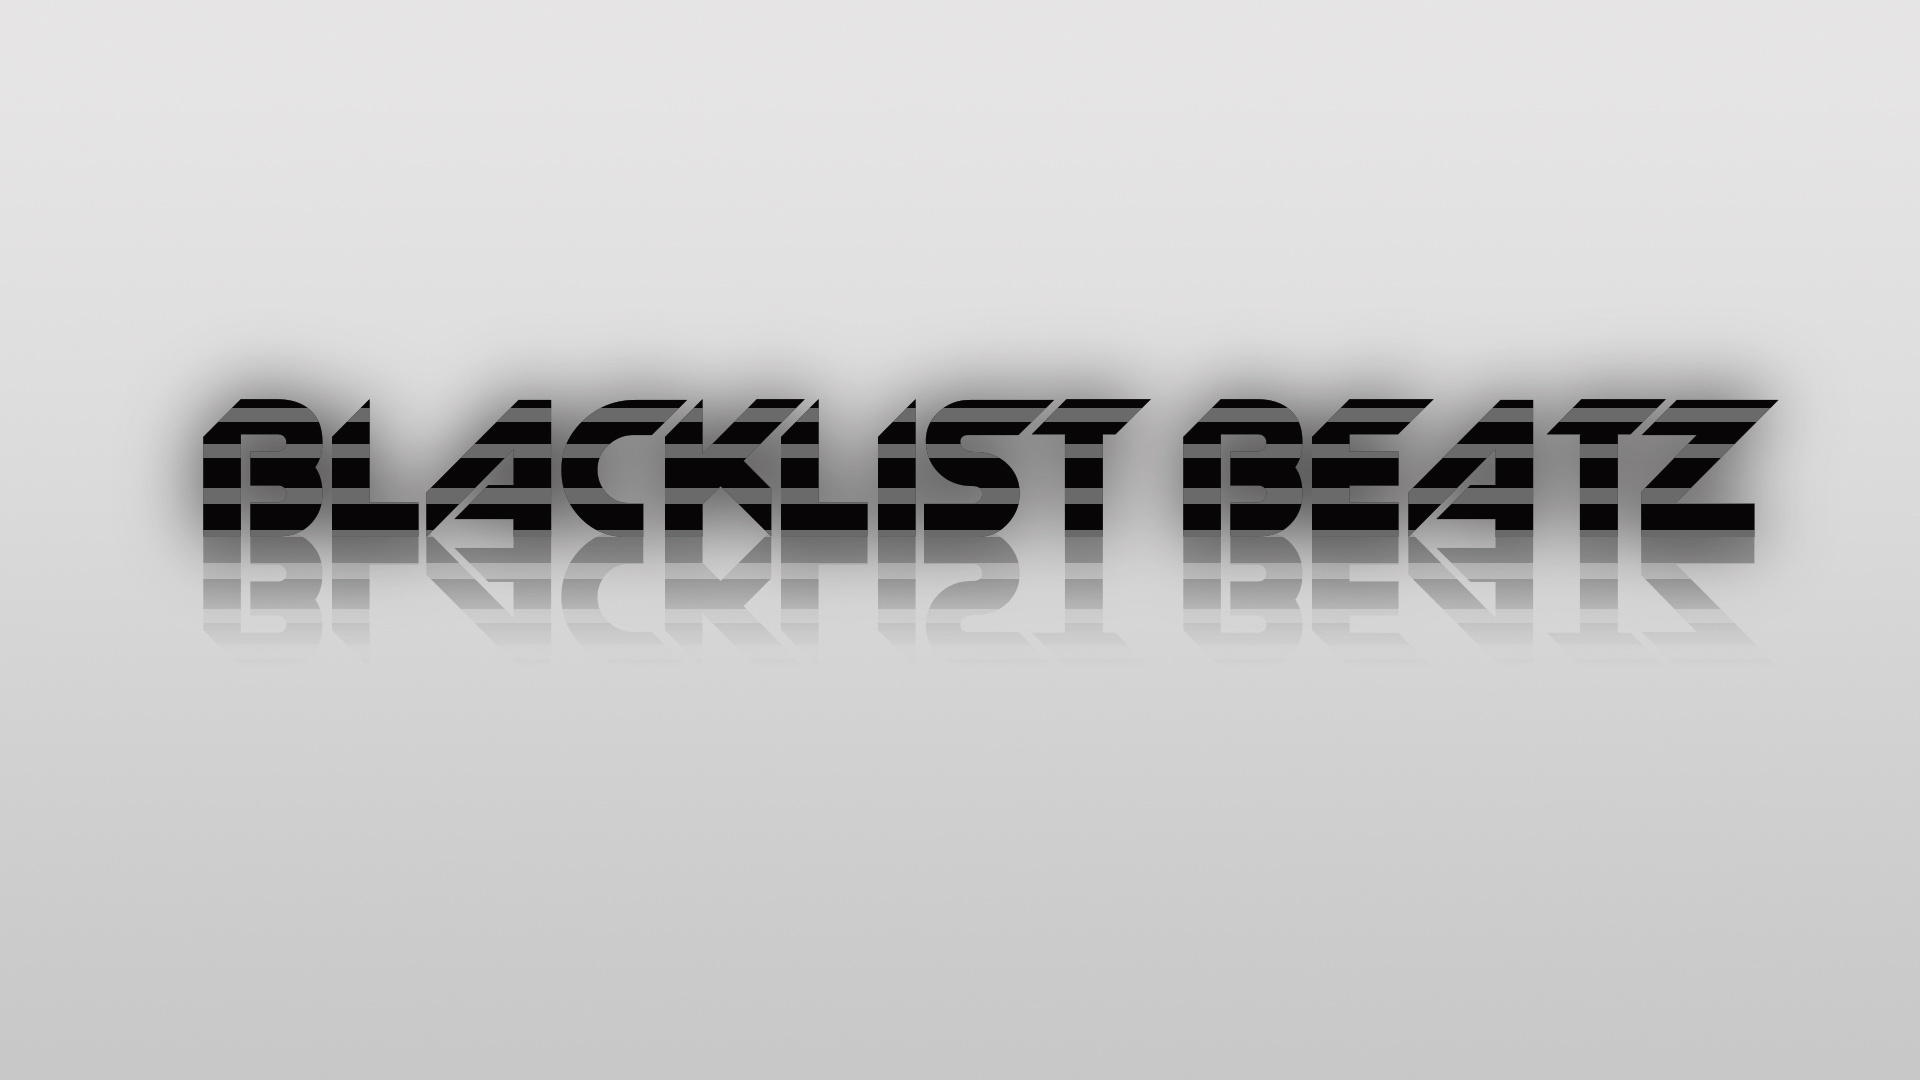 blacklistbeatz beats buy beats online beats blacklistbeatz edit logo